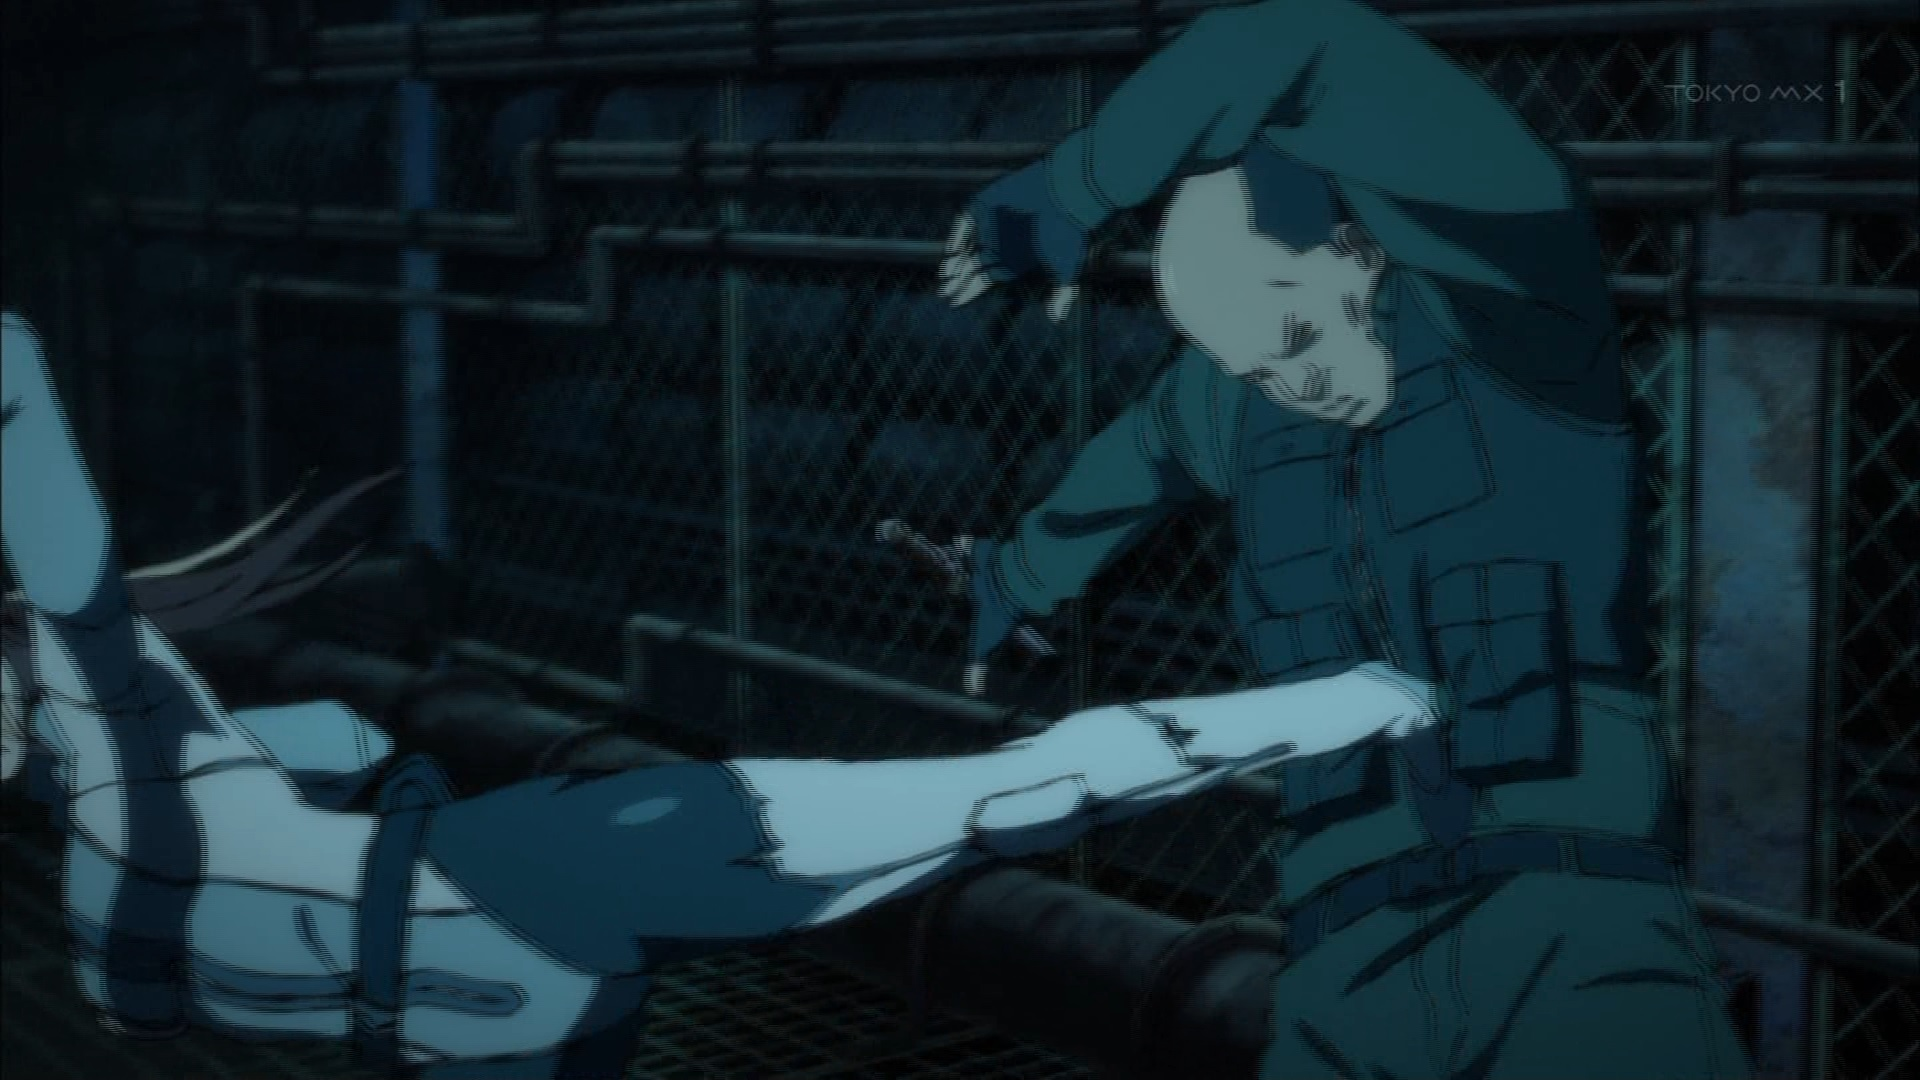 異能肉の戦闘訓練